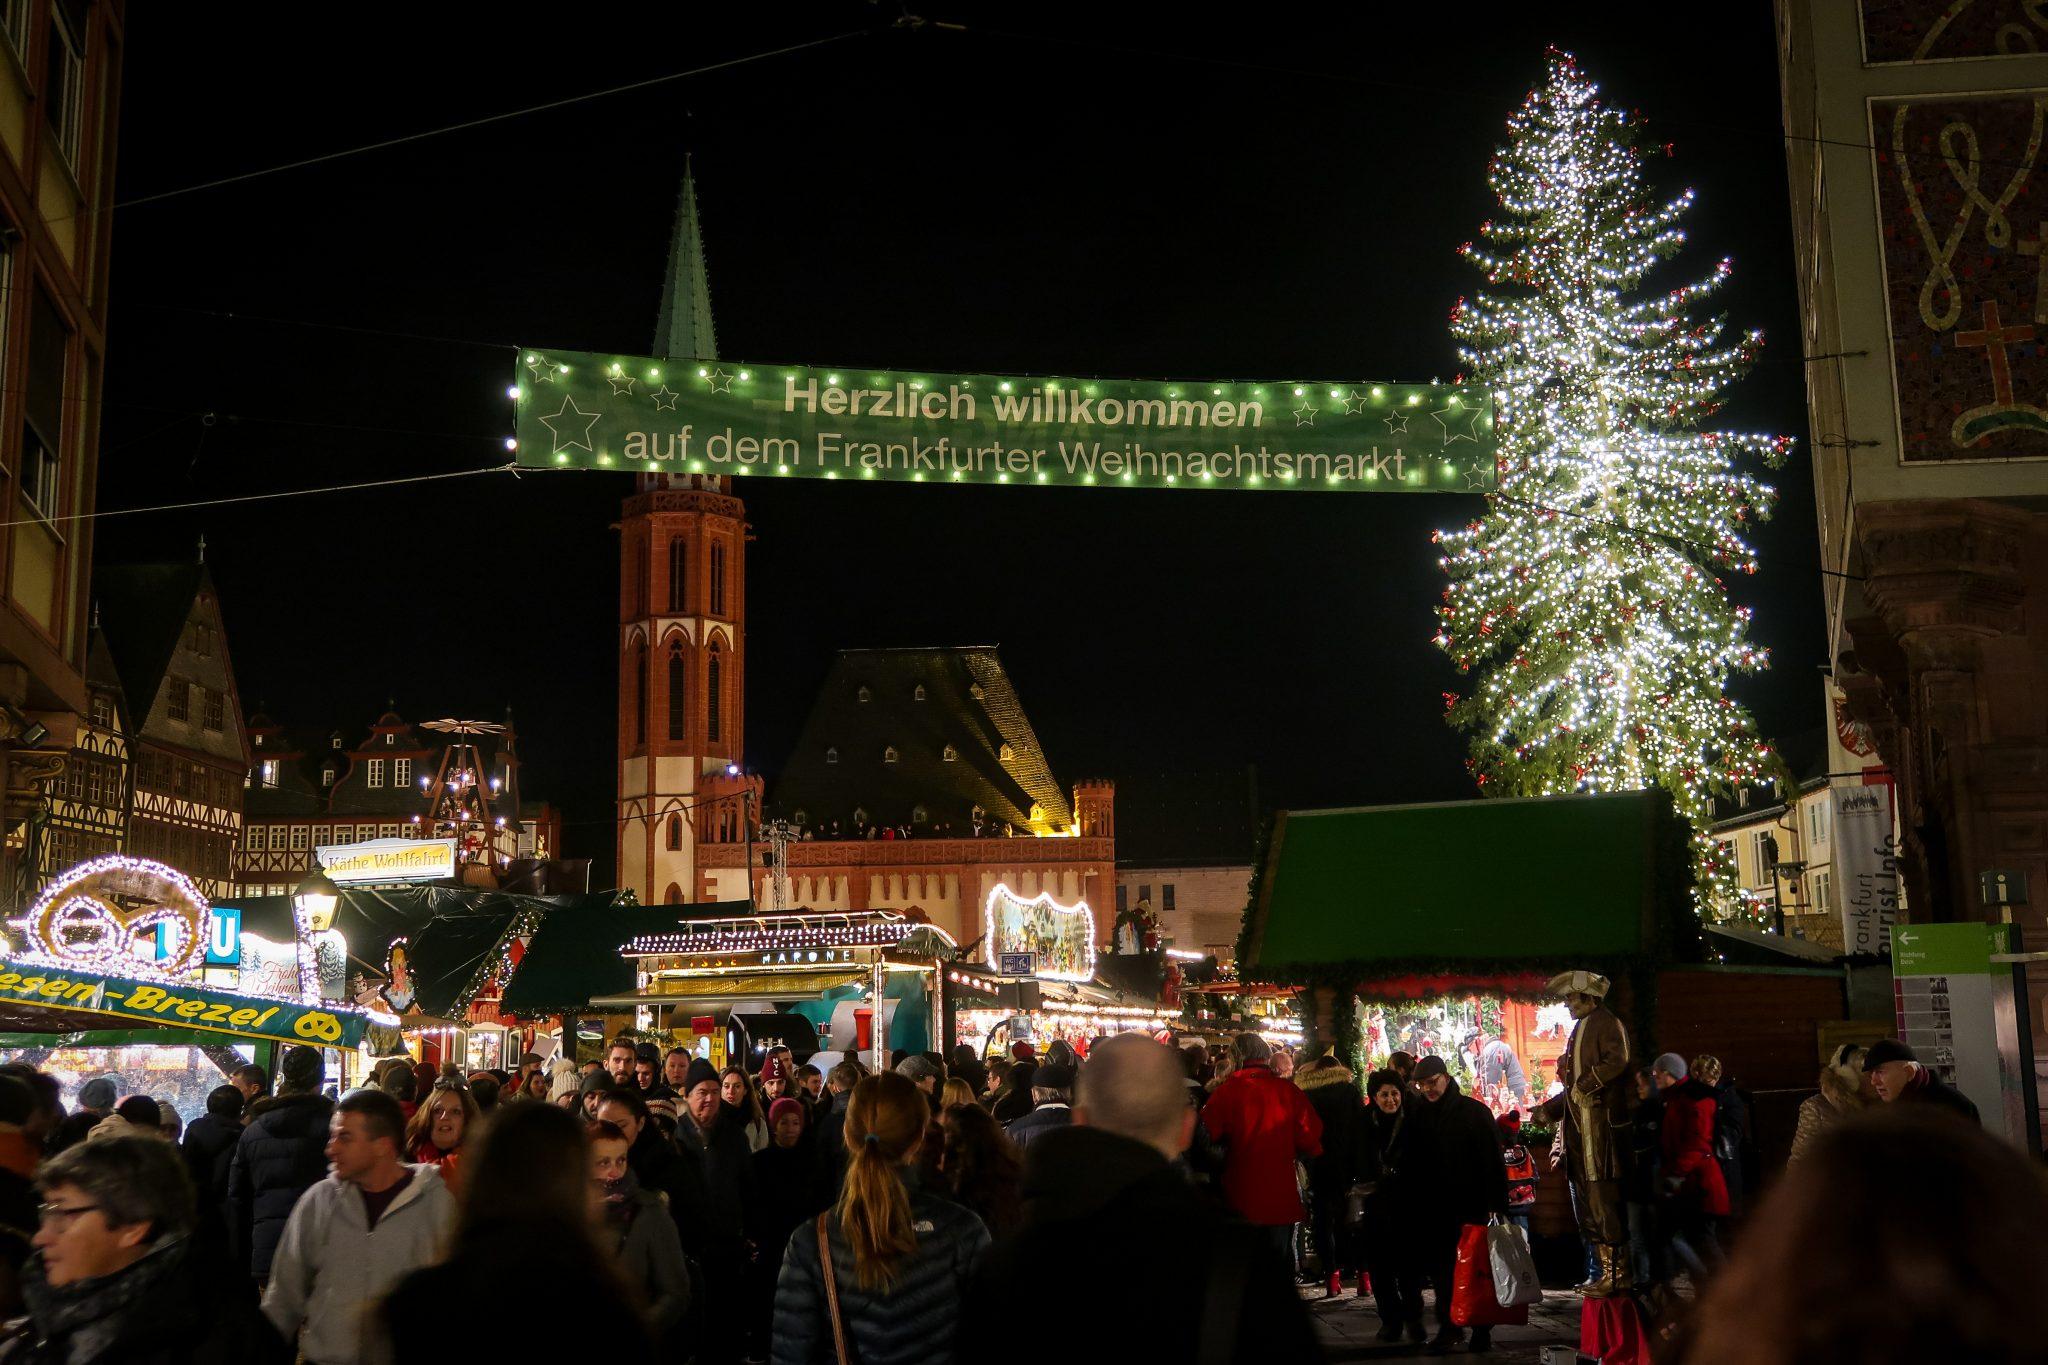 Frankfurter Weihnachtsmarkt: Der riesige Weihnachtsbaum ist deutlich erkennbar.